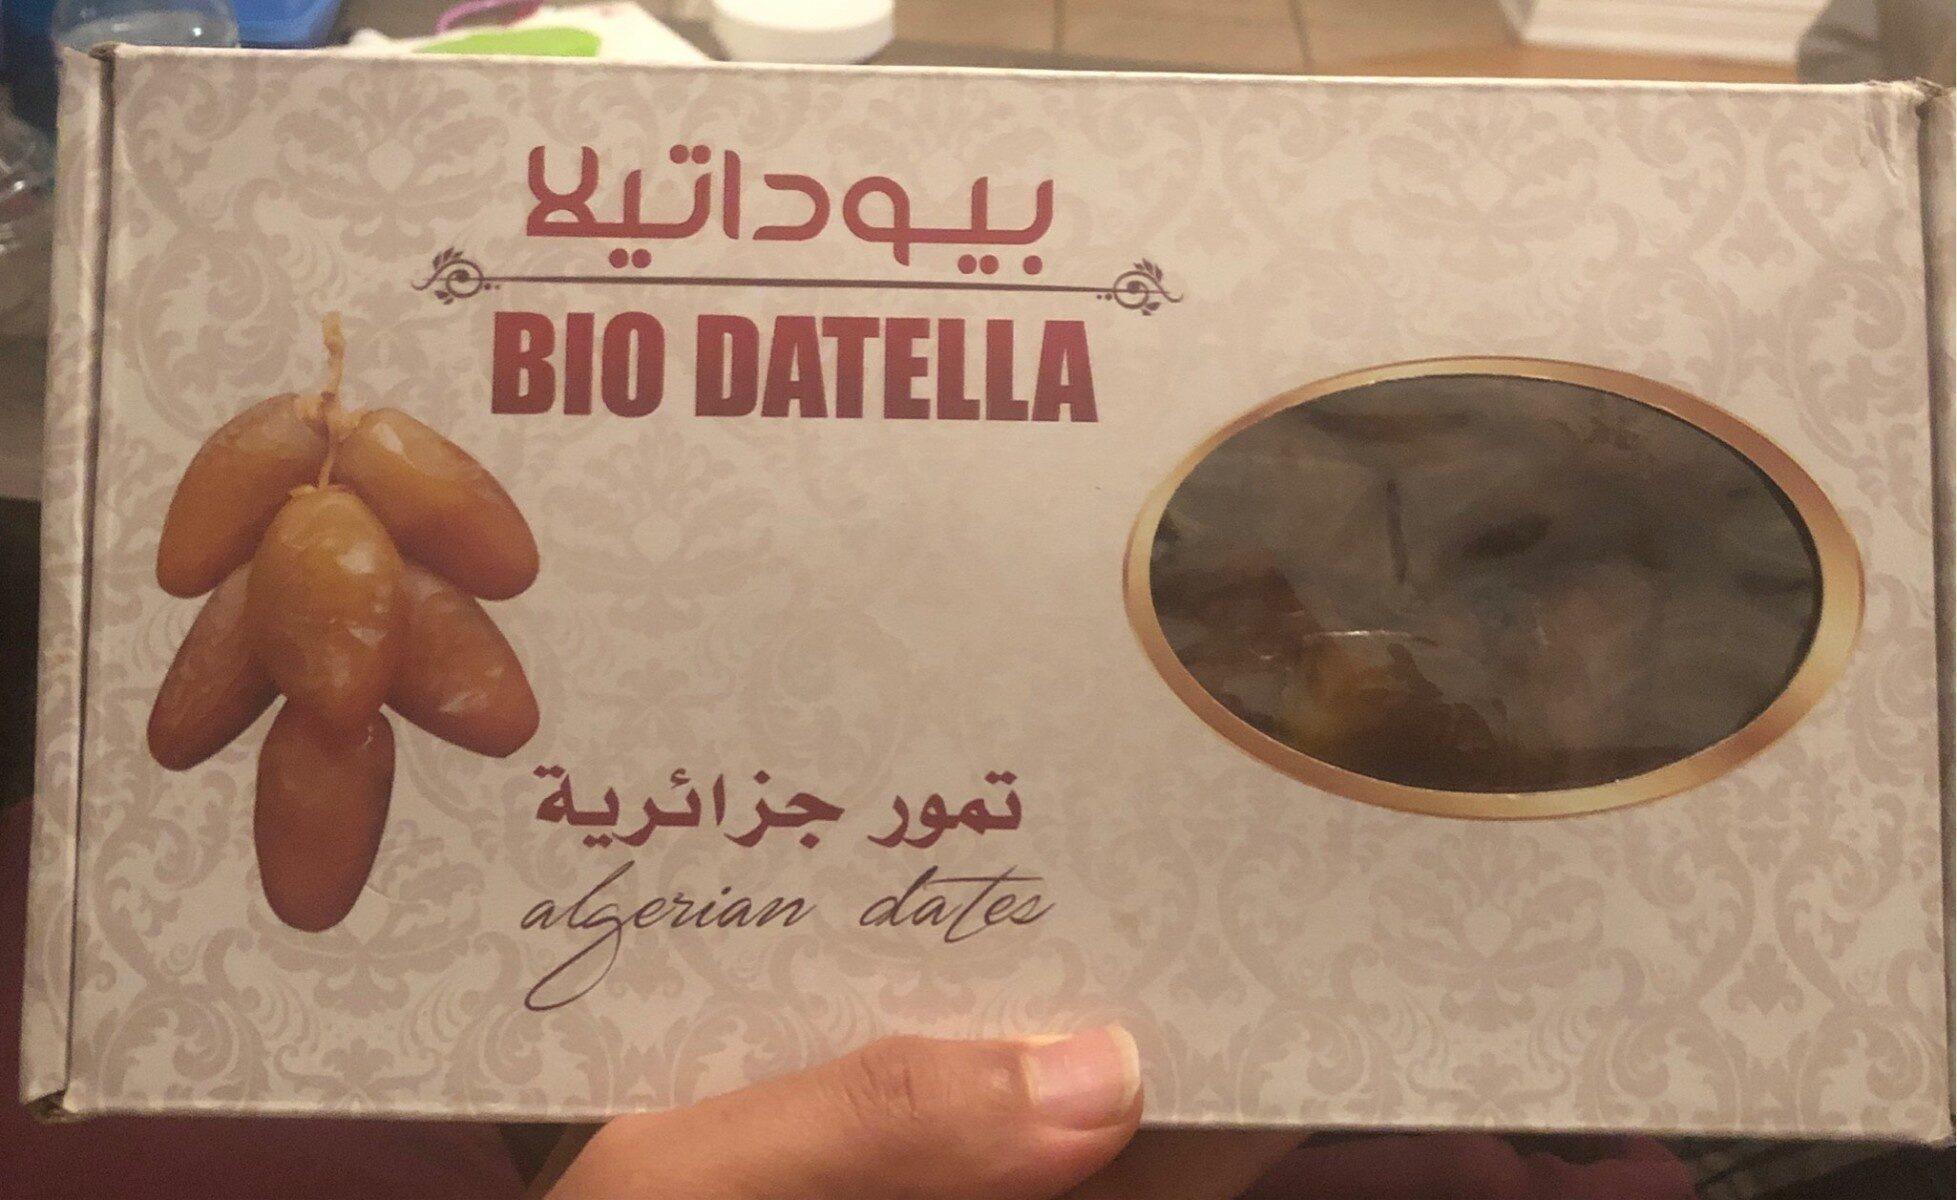 Dattes d'Algérie - Produit - fr